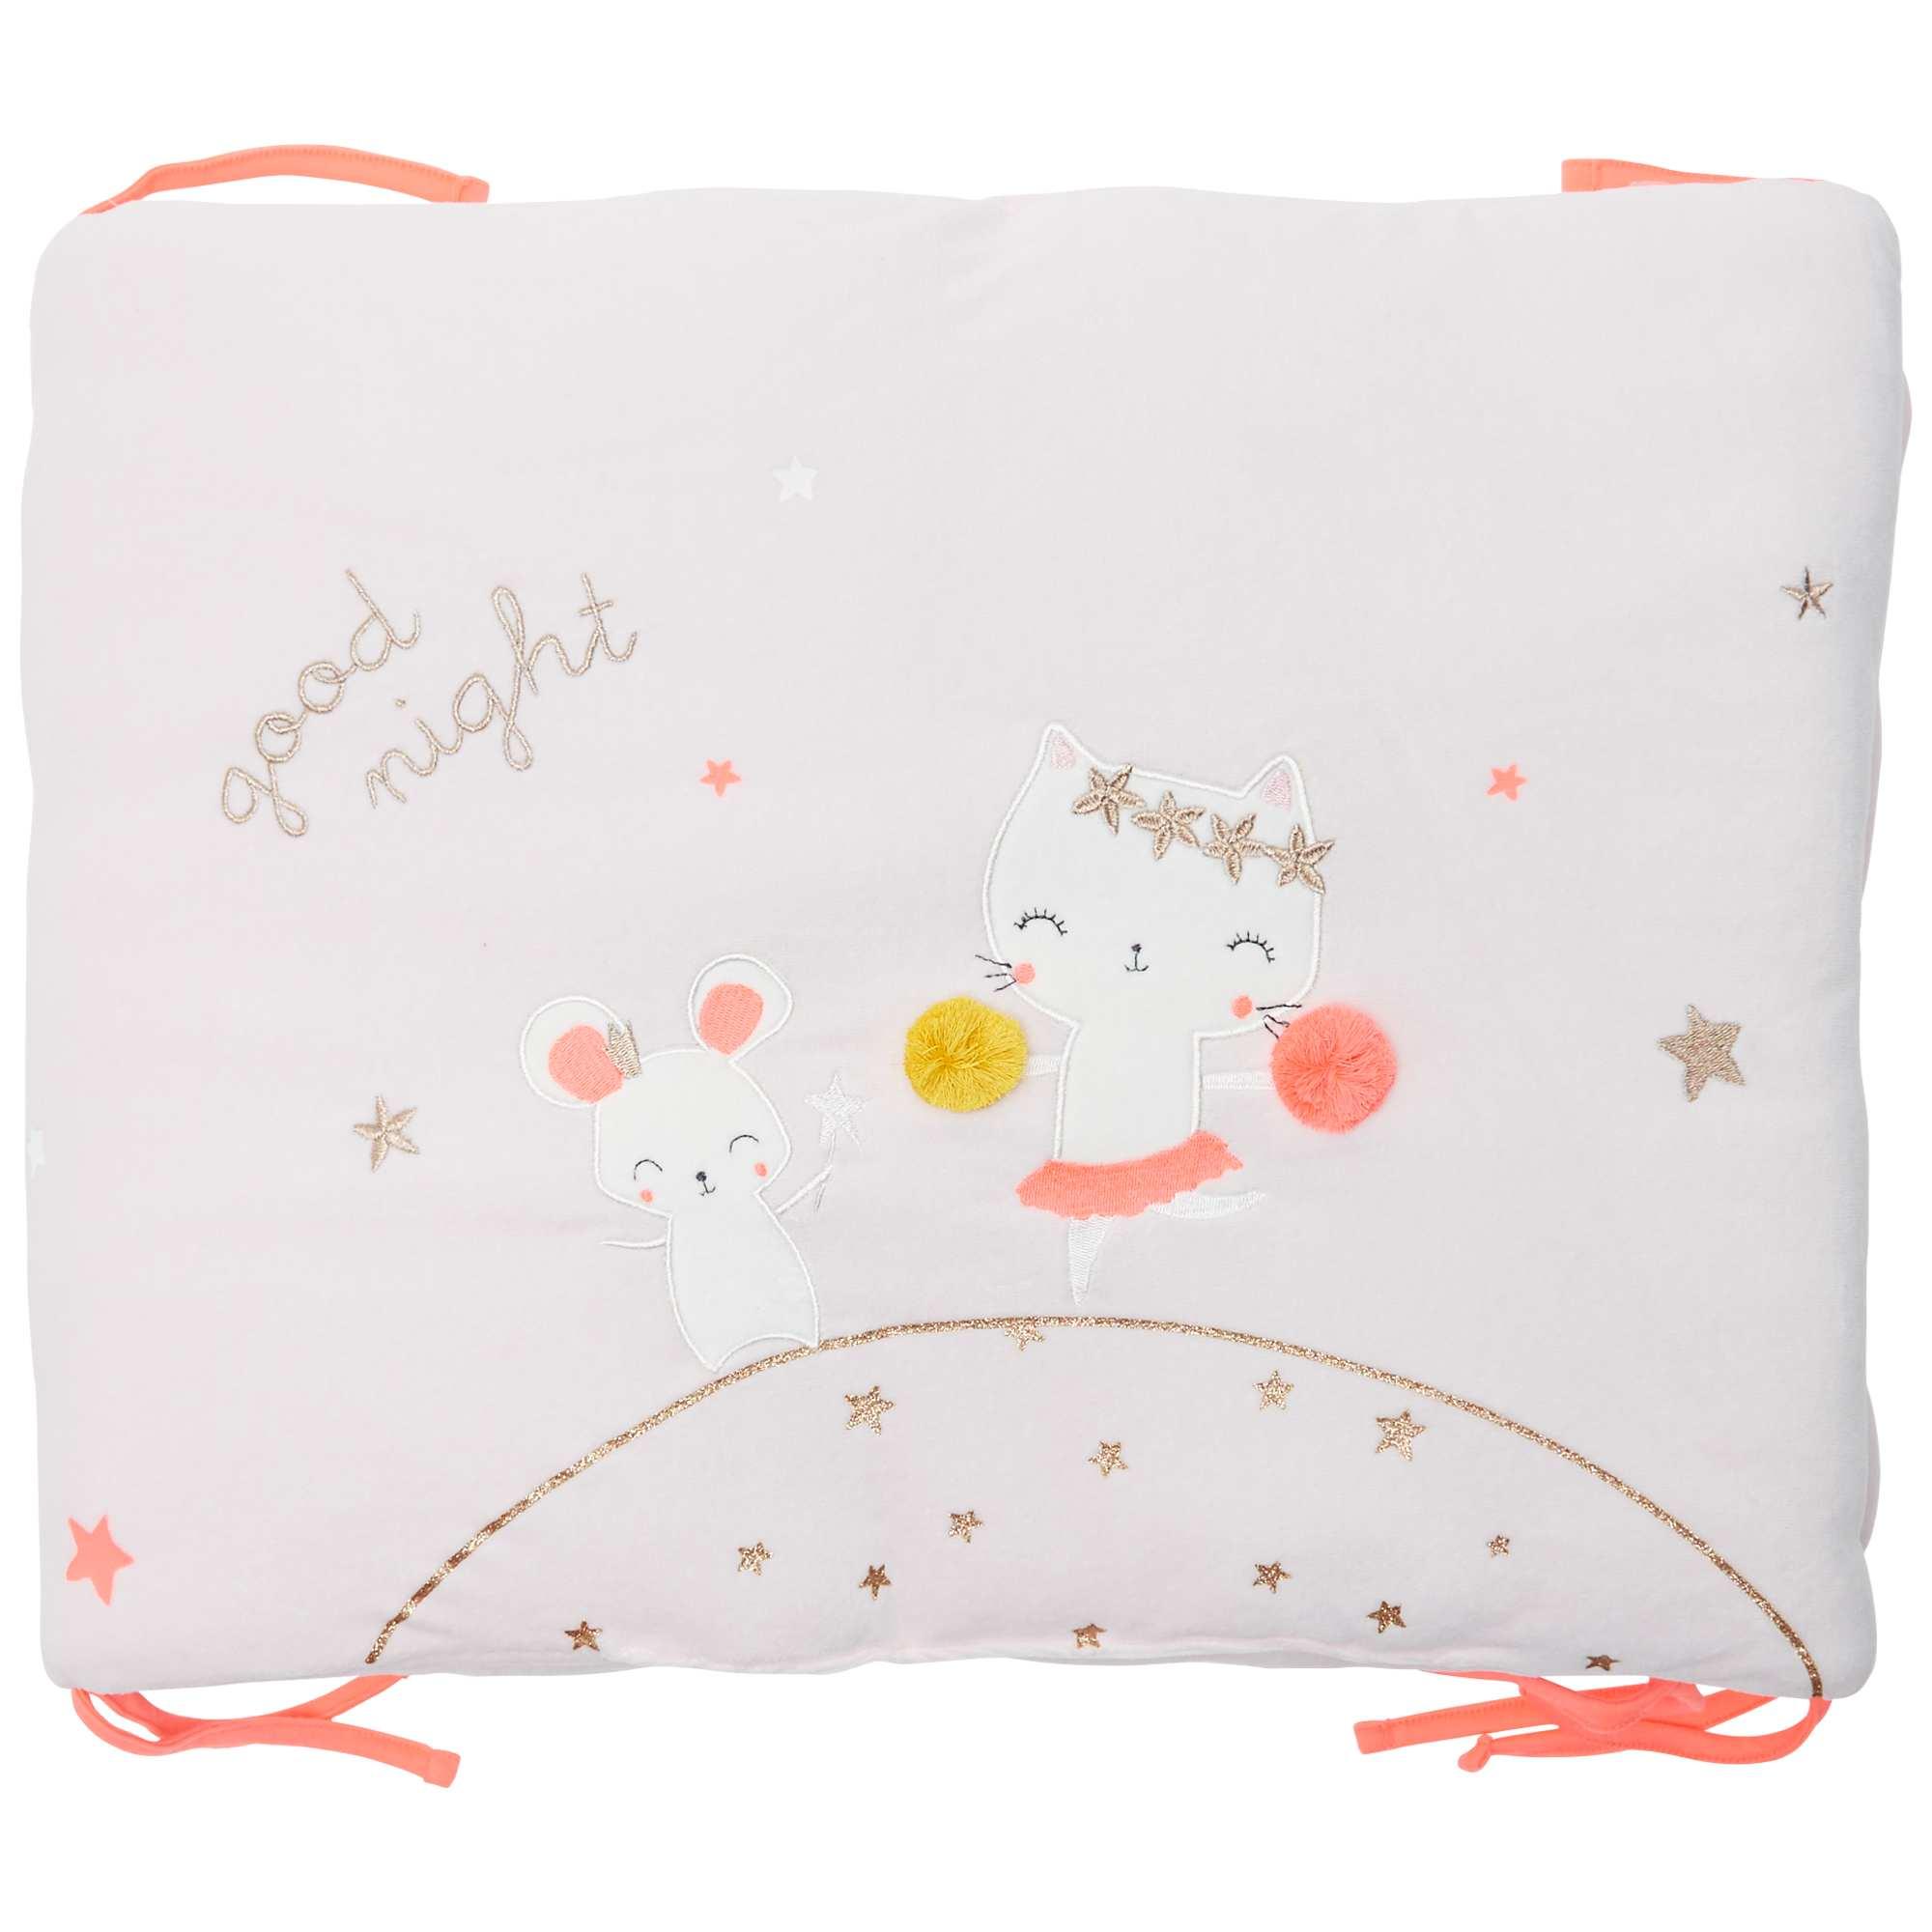 Couleur : rose pâle, , ,, - Taille : TU, , ,,Un tour de lit tout doux pour que bébé se sente comme dans un cocon. On adore ses jolis